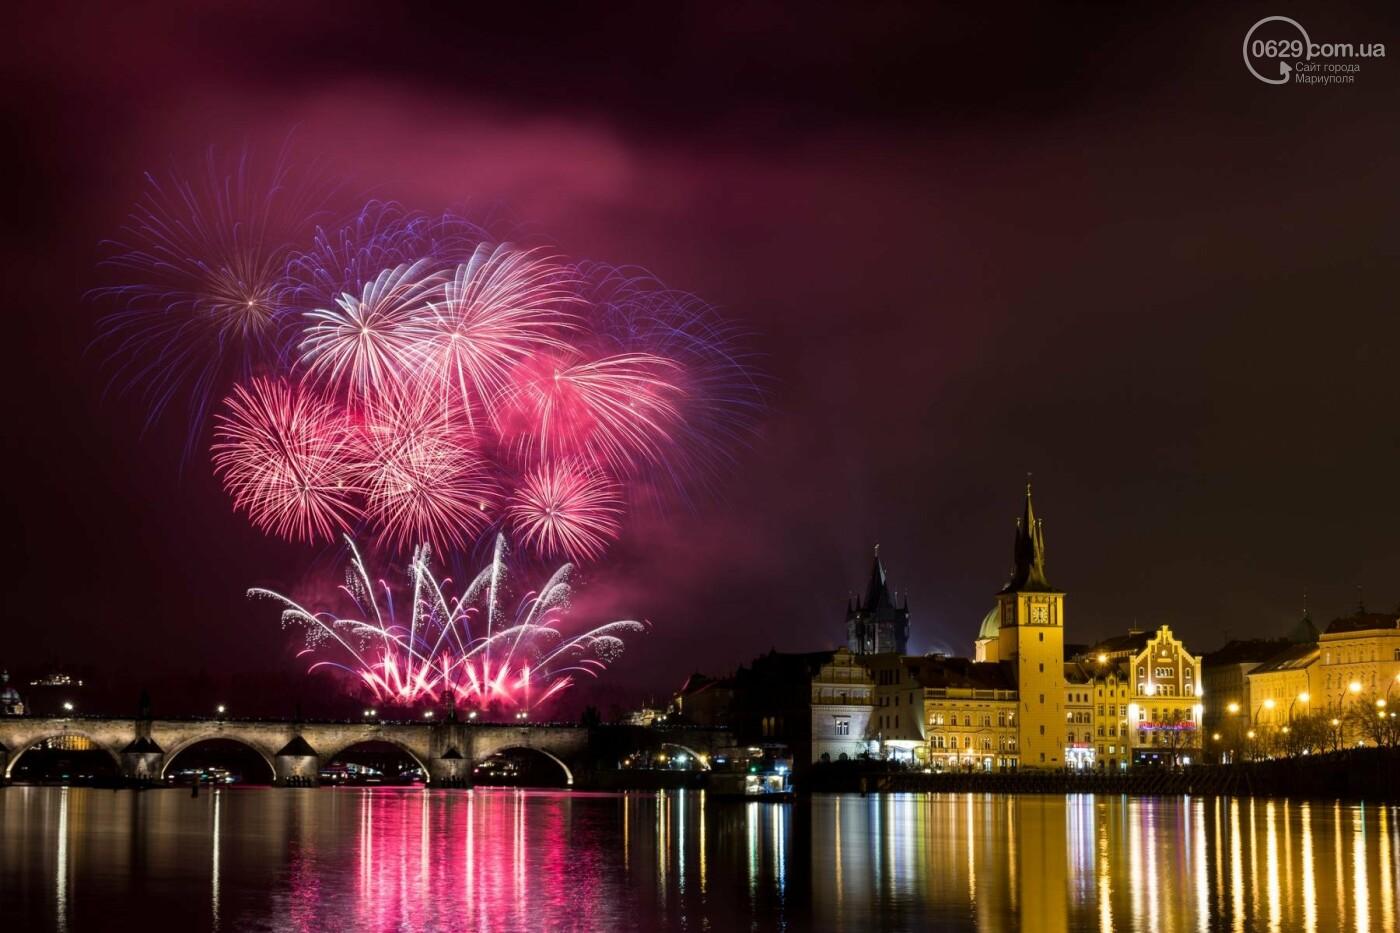 Новый год в Европе: где, как и за сколько (ИНТЕРАКТИВНАЯ КАРТА), фото-14